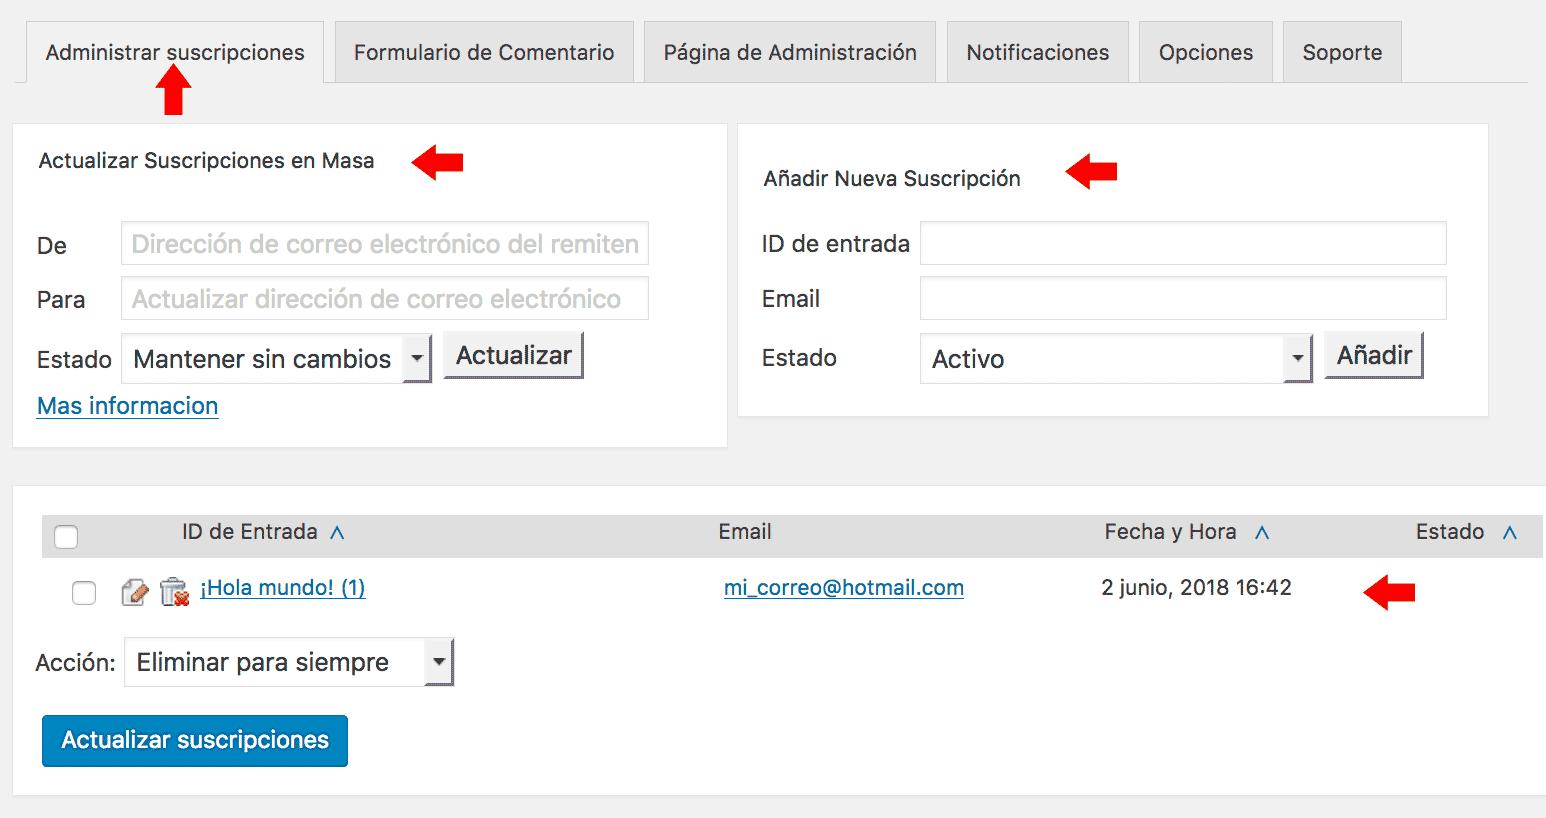 administrar suscripciones